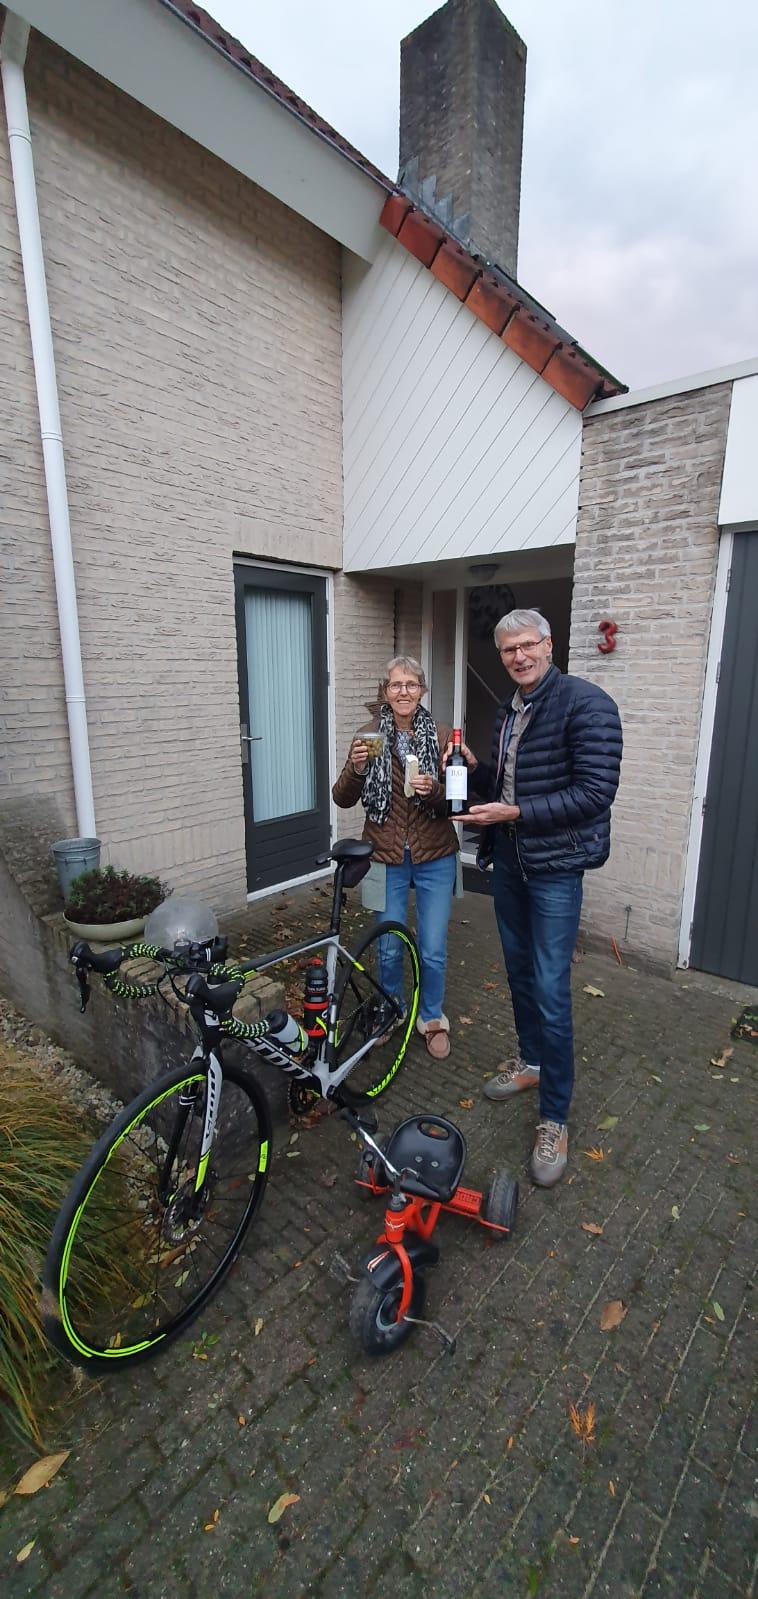 De eerste winnaars van de RTC Hengelo lezerstour zijn bekend!